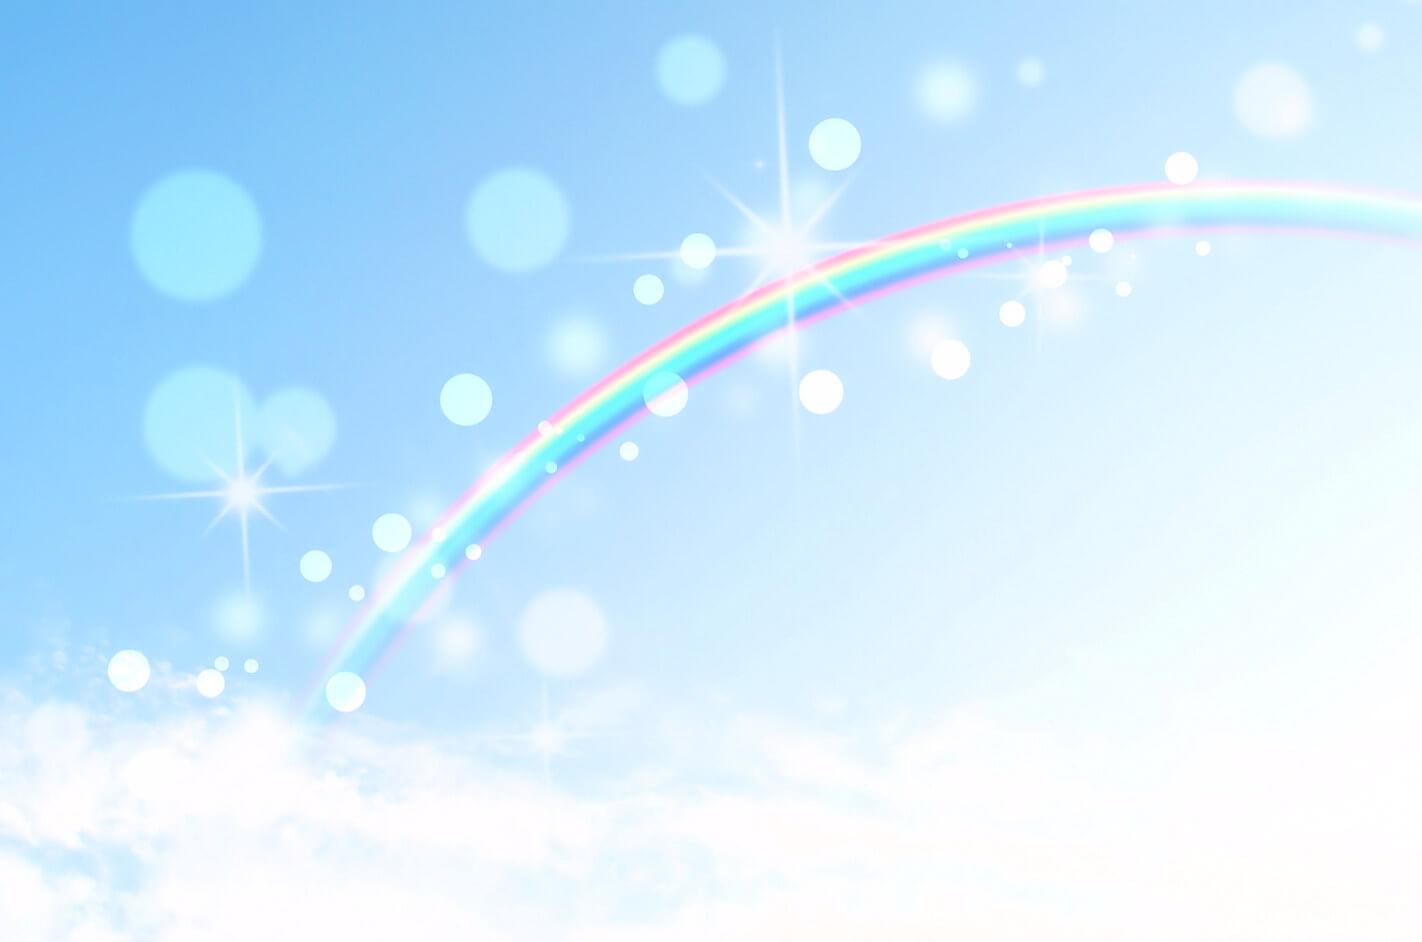 星空に架かる虹の橋